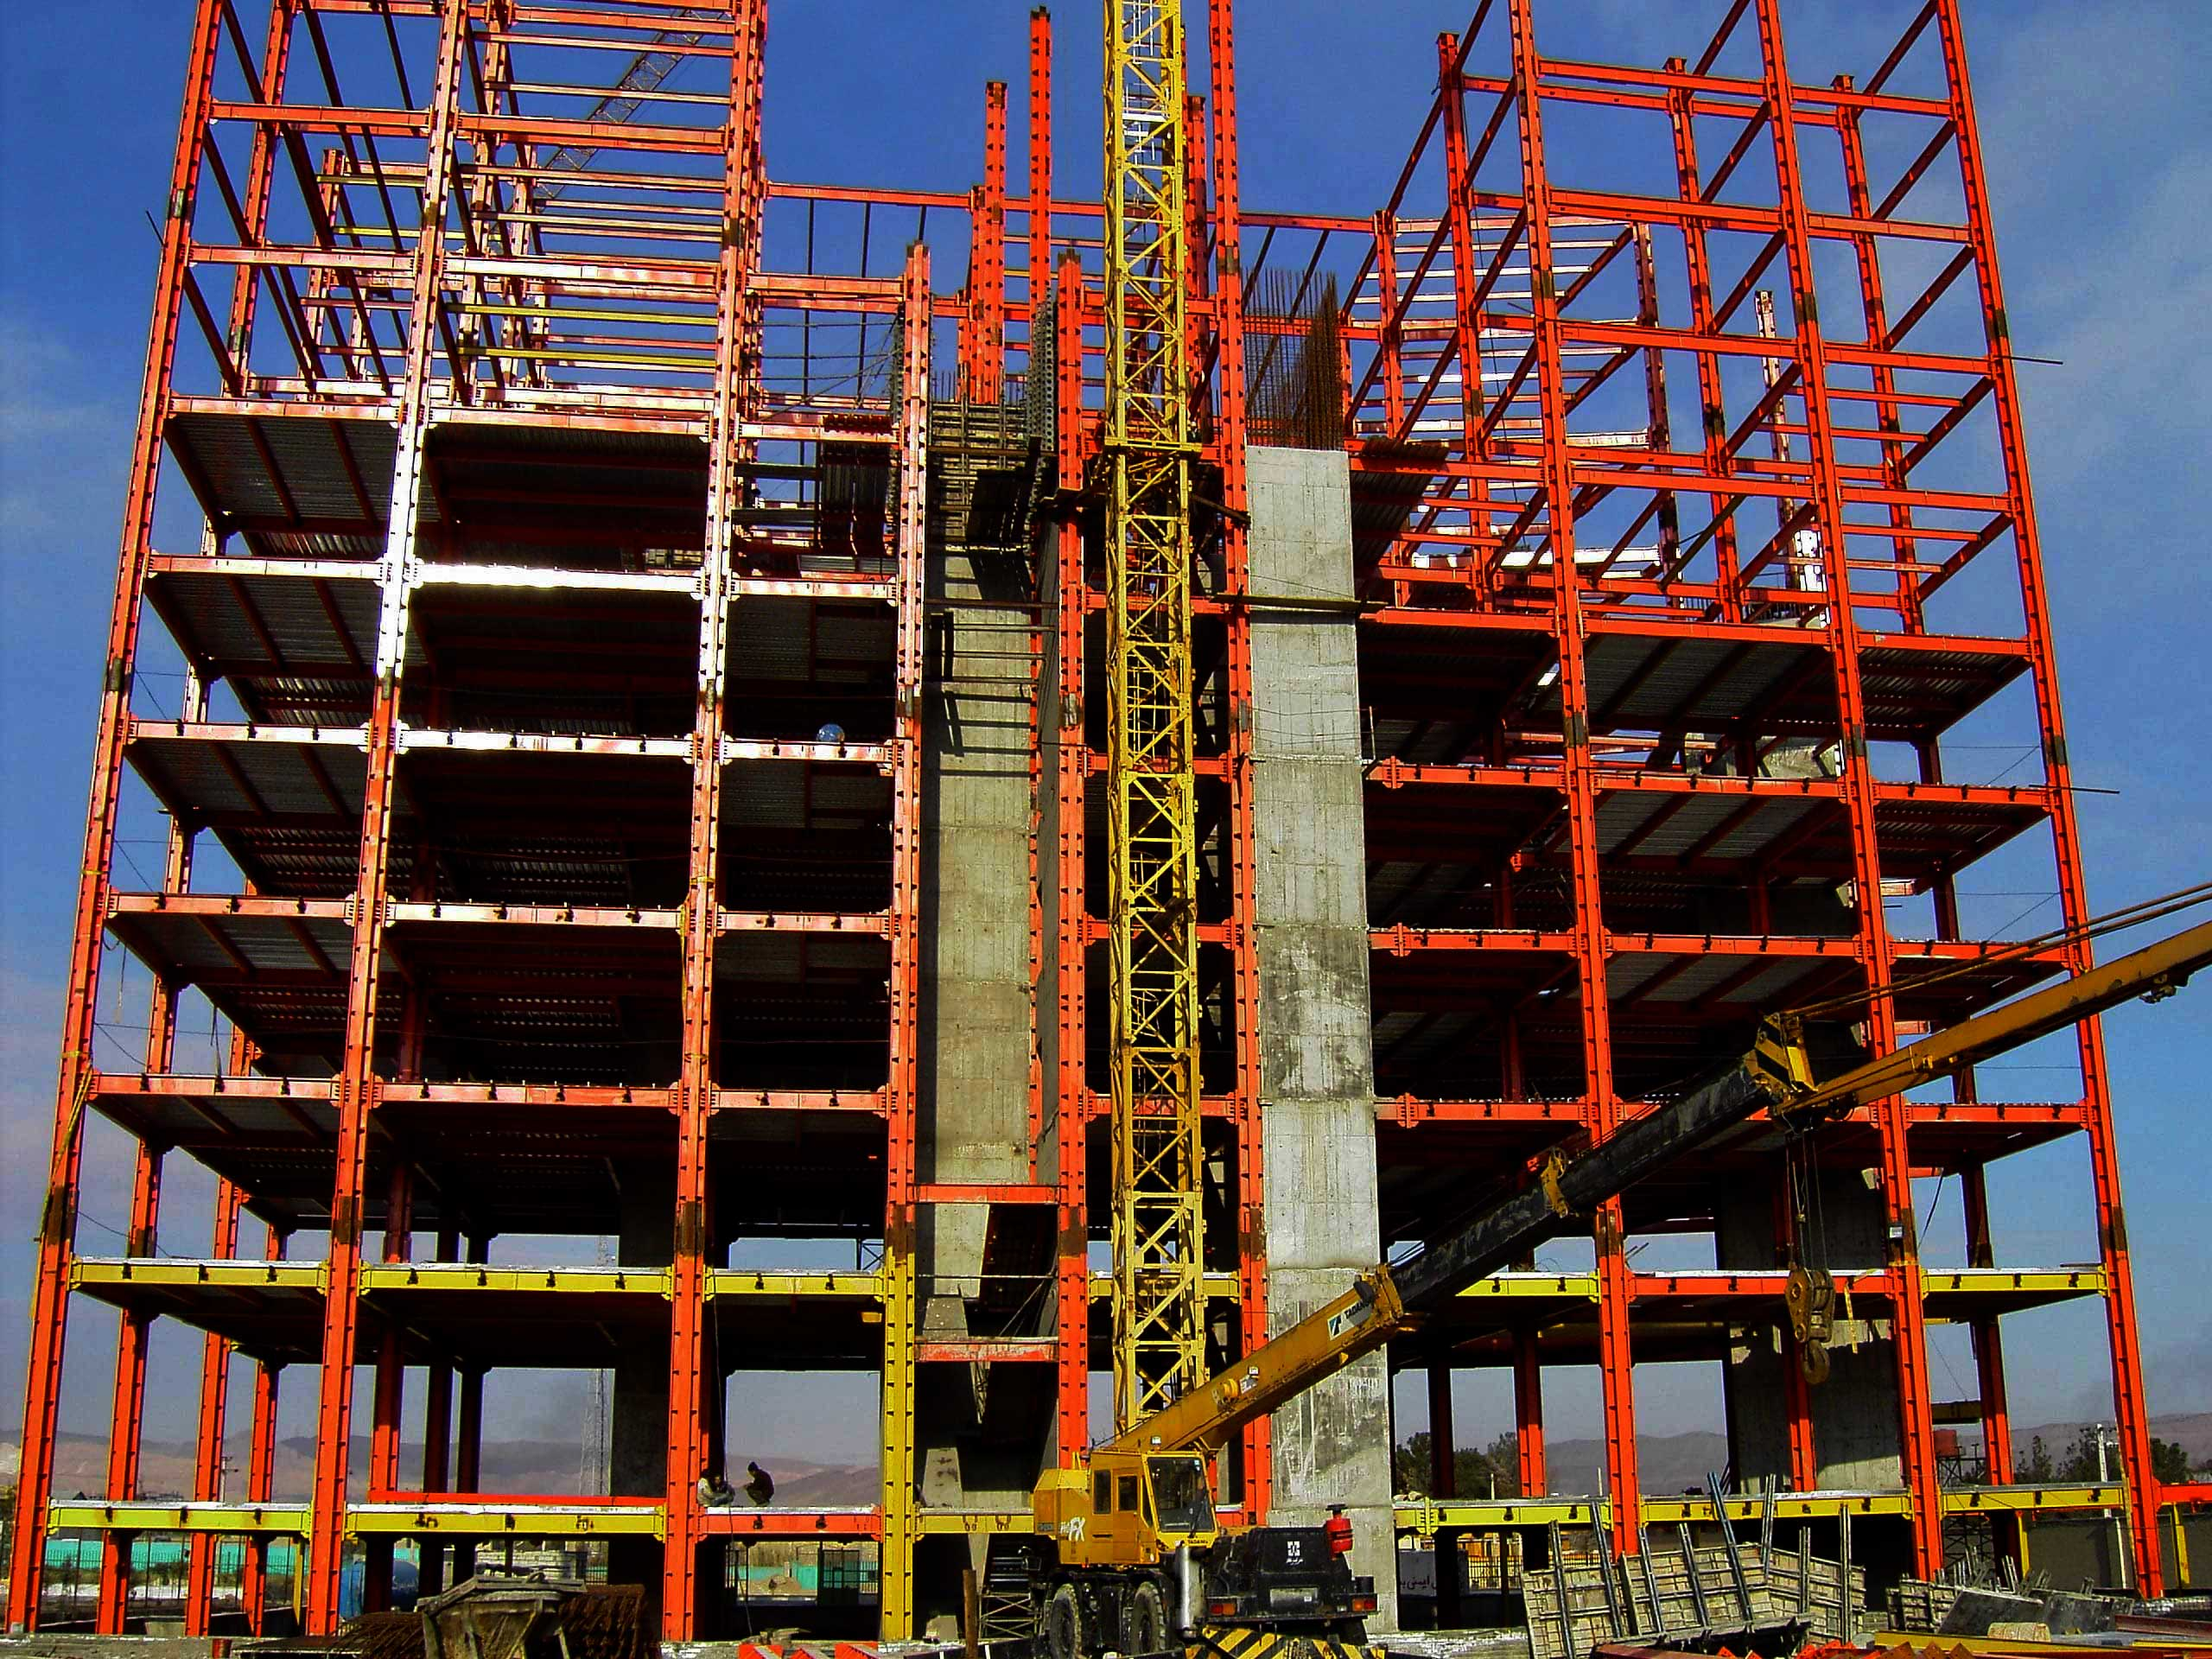 اسکلت فلزی انواع ساختمان از نظر سازه و باربری